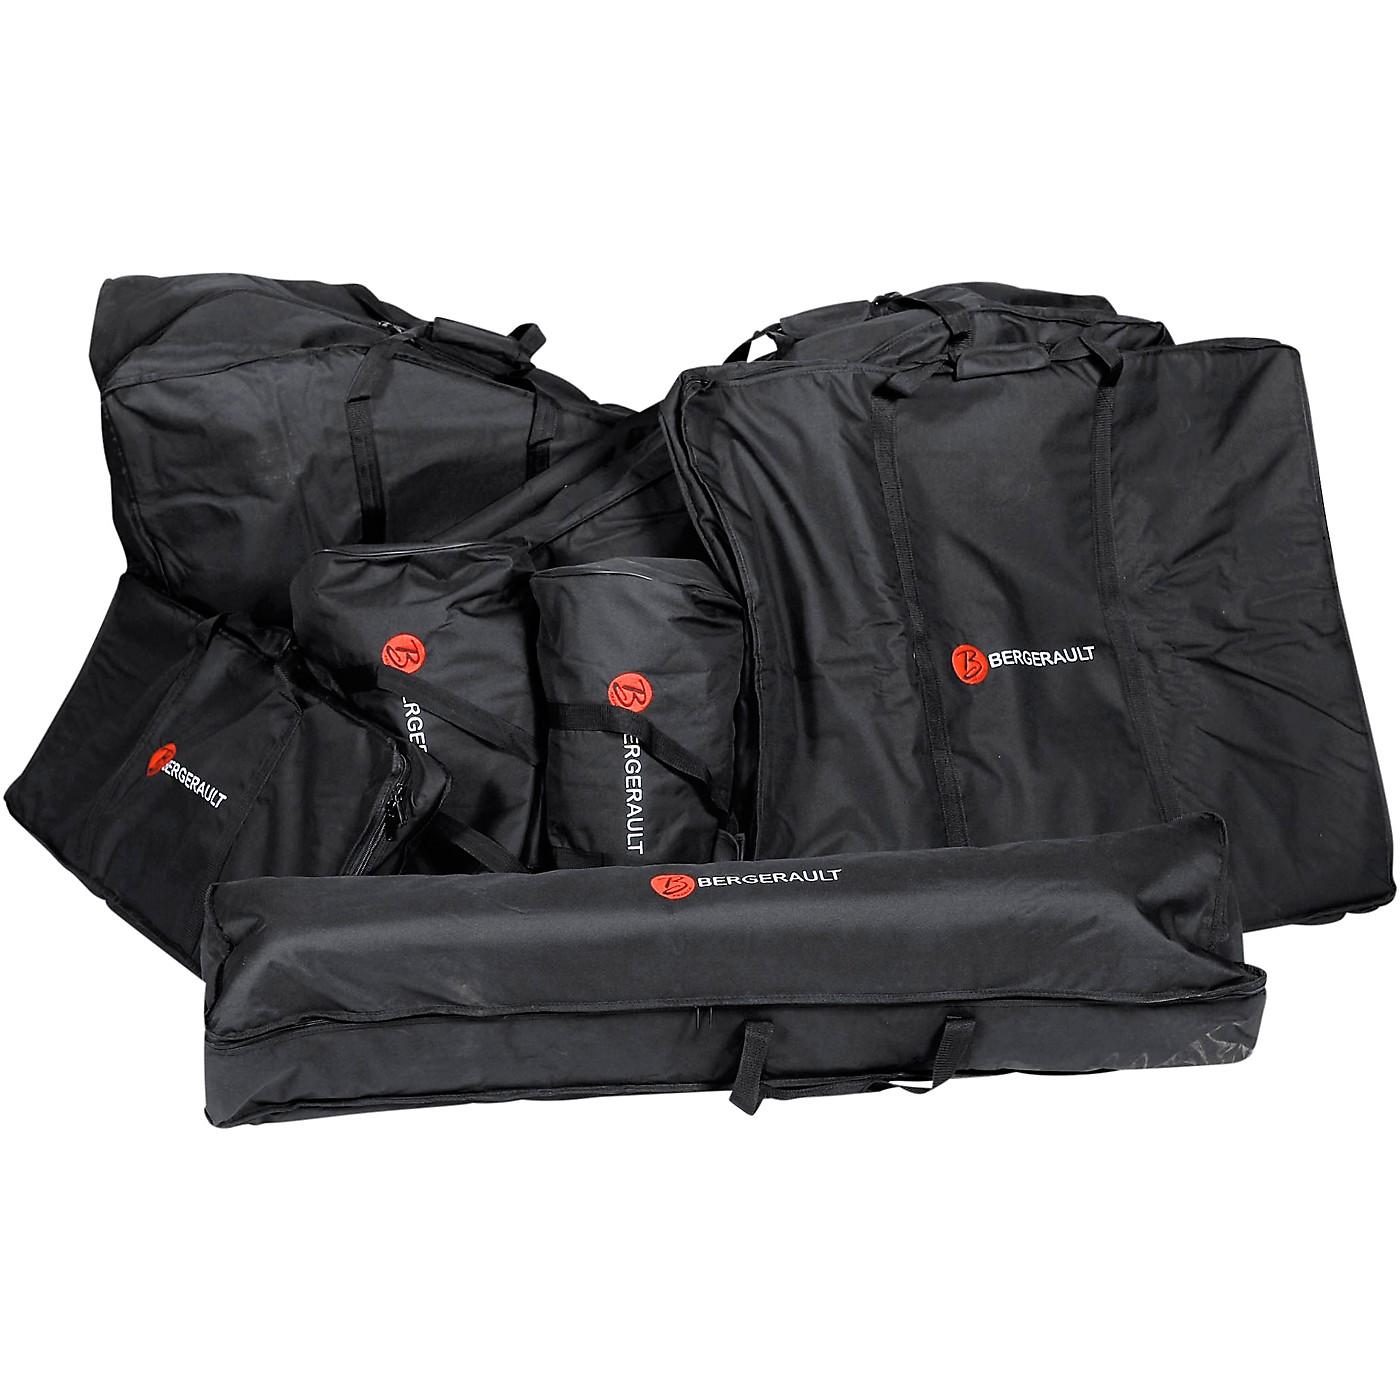 Bergerault Gig Bag Set for SRS50S 5.0 Octave Signature Series Marimba thumbnail